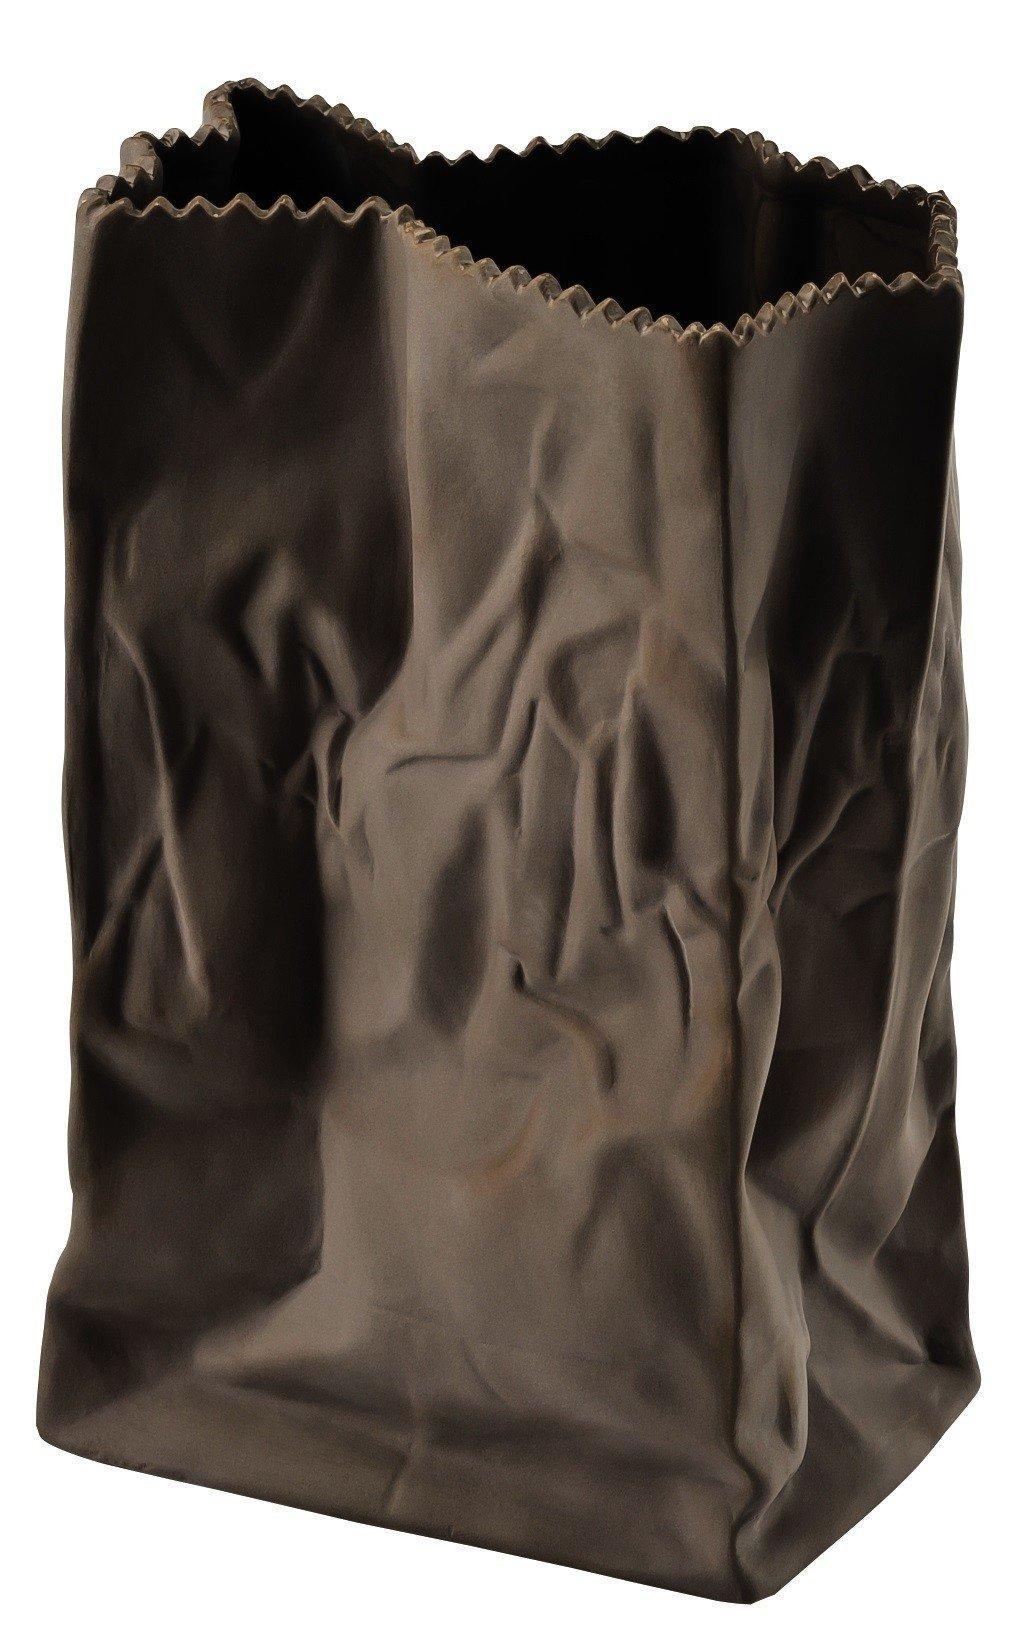 Rosenthal Bag Vase Macaroon 18 cm by Rosenthal (Image #2)